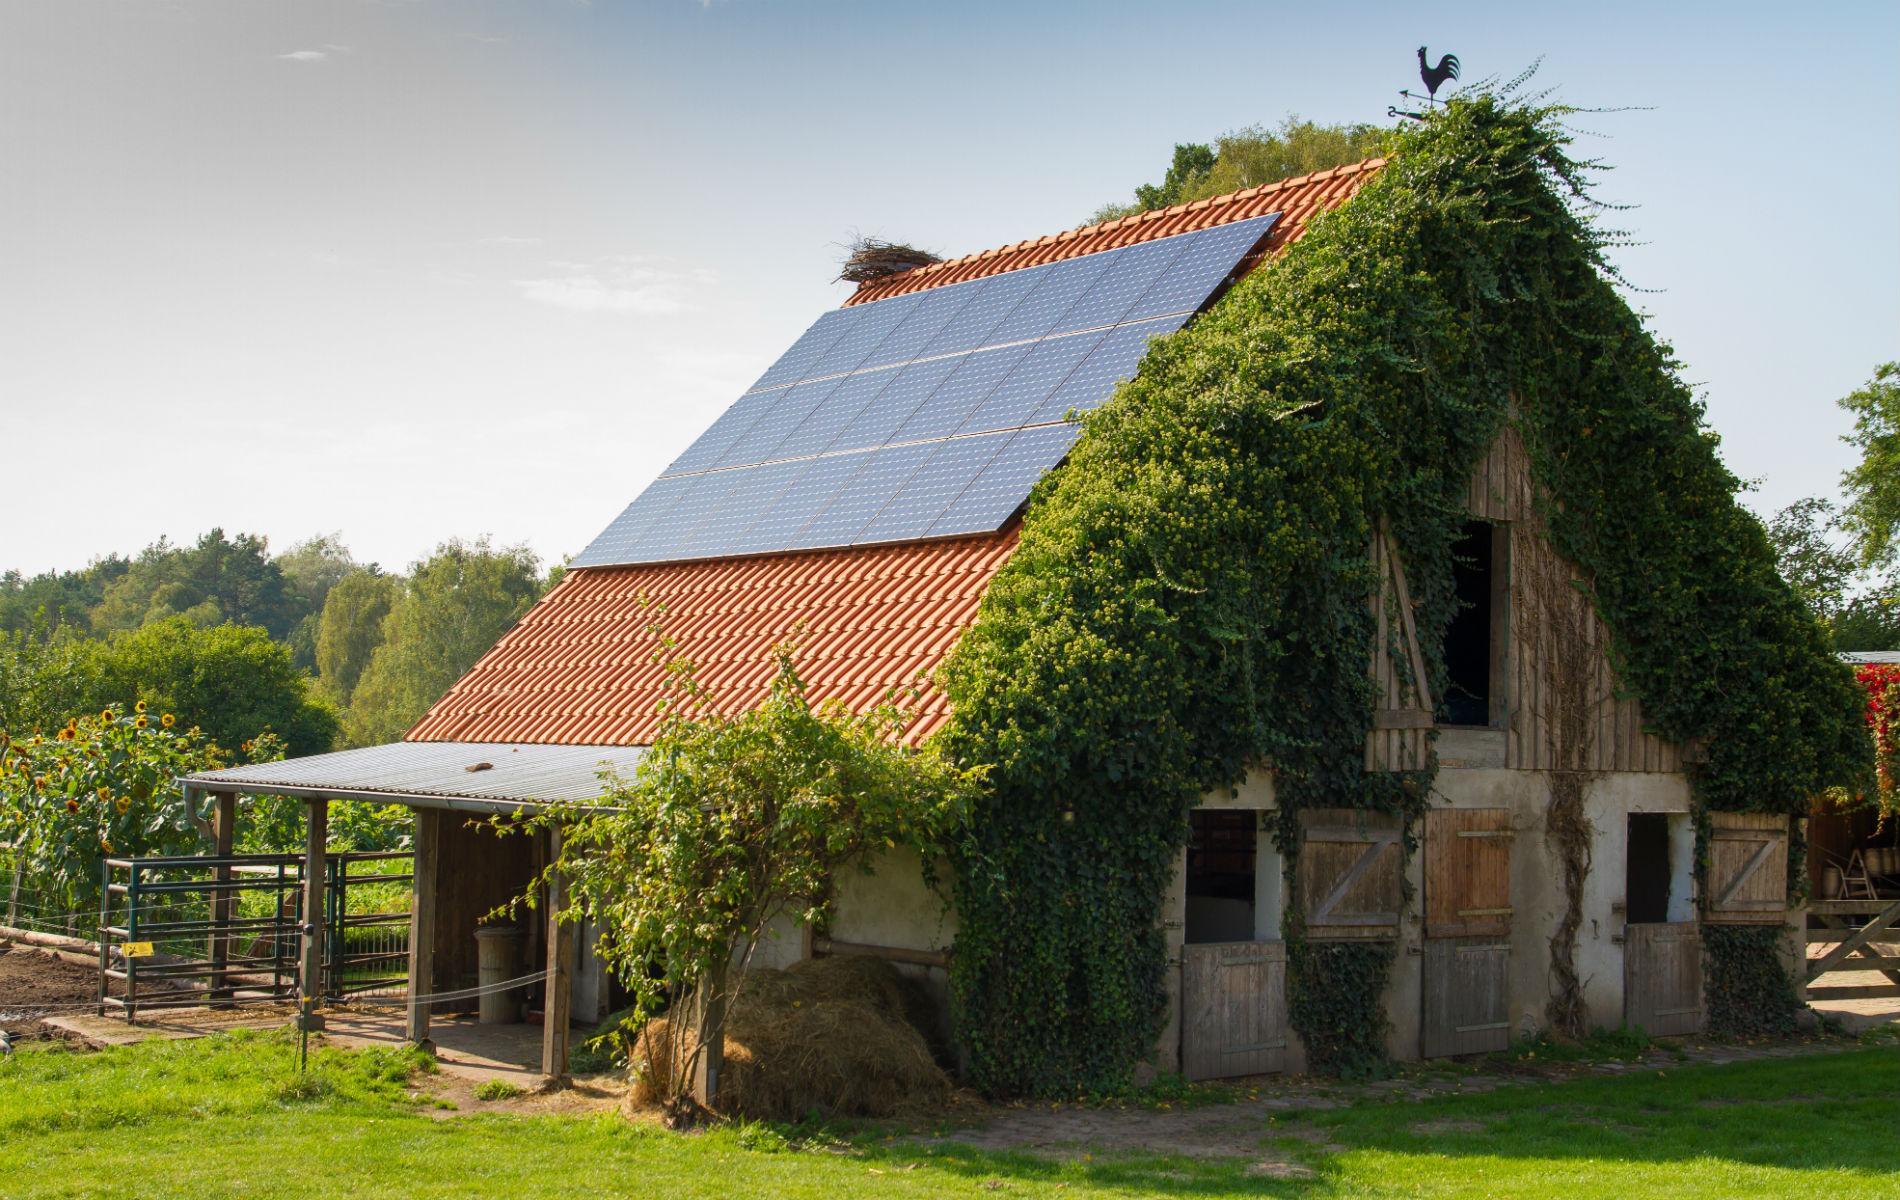 sistemas-de-calefaccion-con-paneles-solares